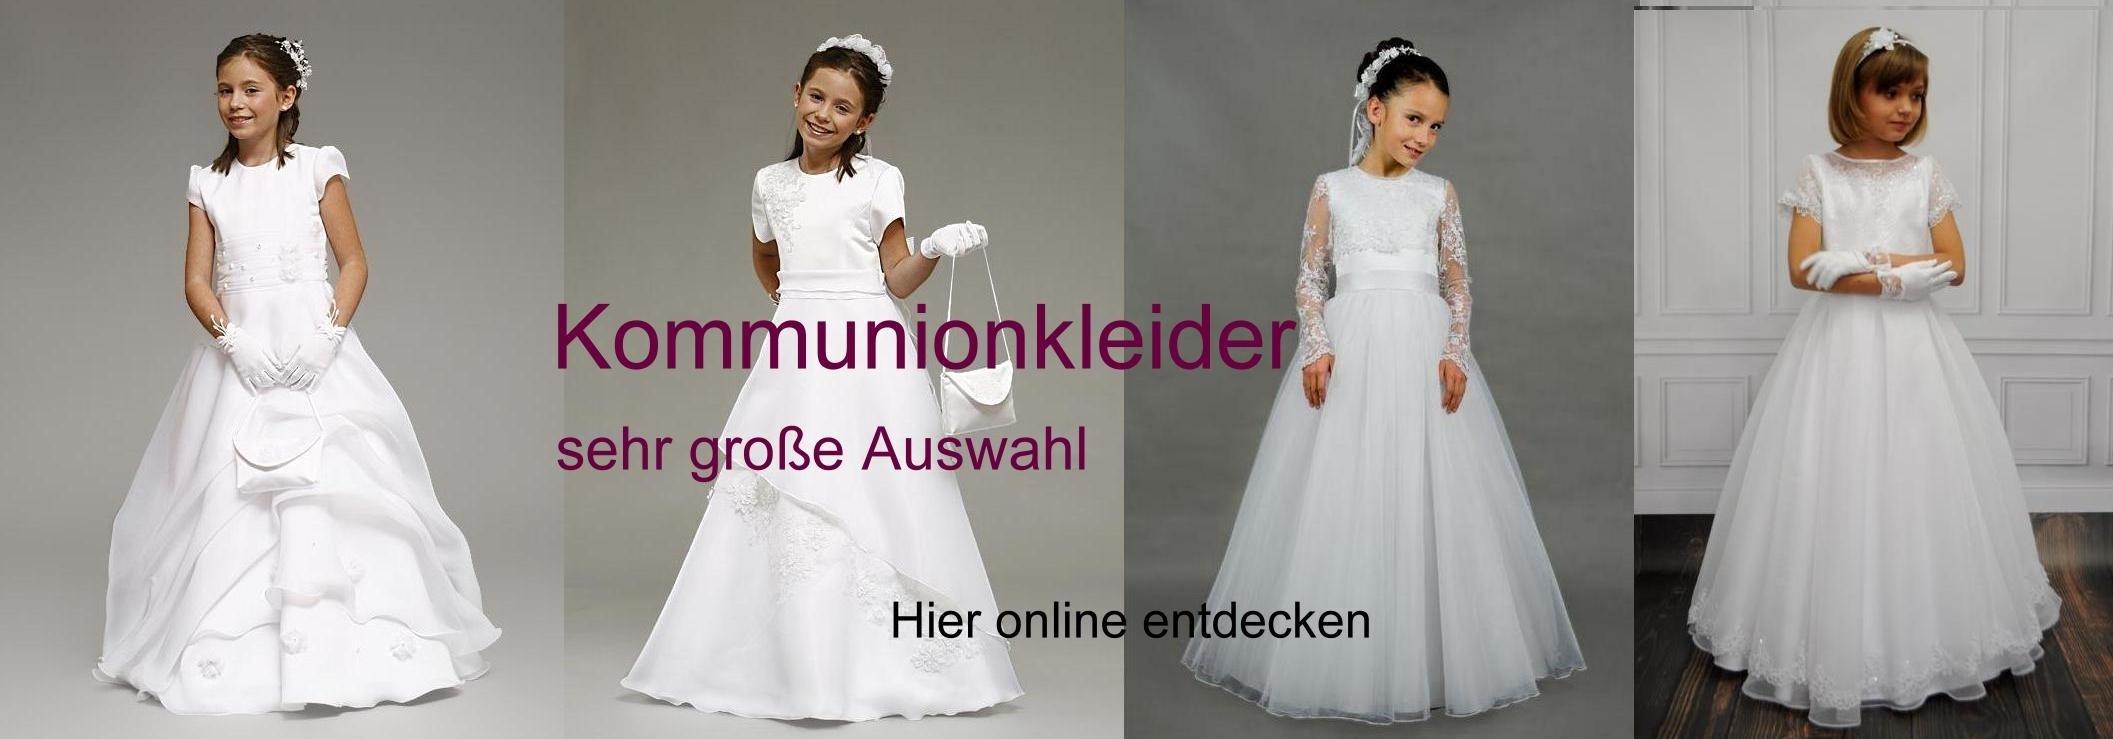 20 Schön Abendkleider Brautmode Bester Preis20 Einzigartig Abendkleider Brautmode Ärmel